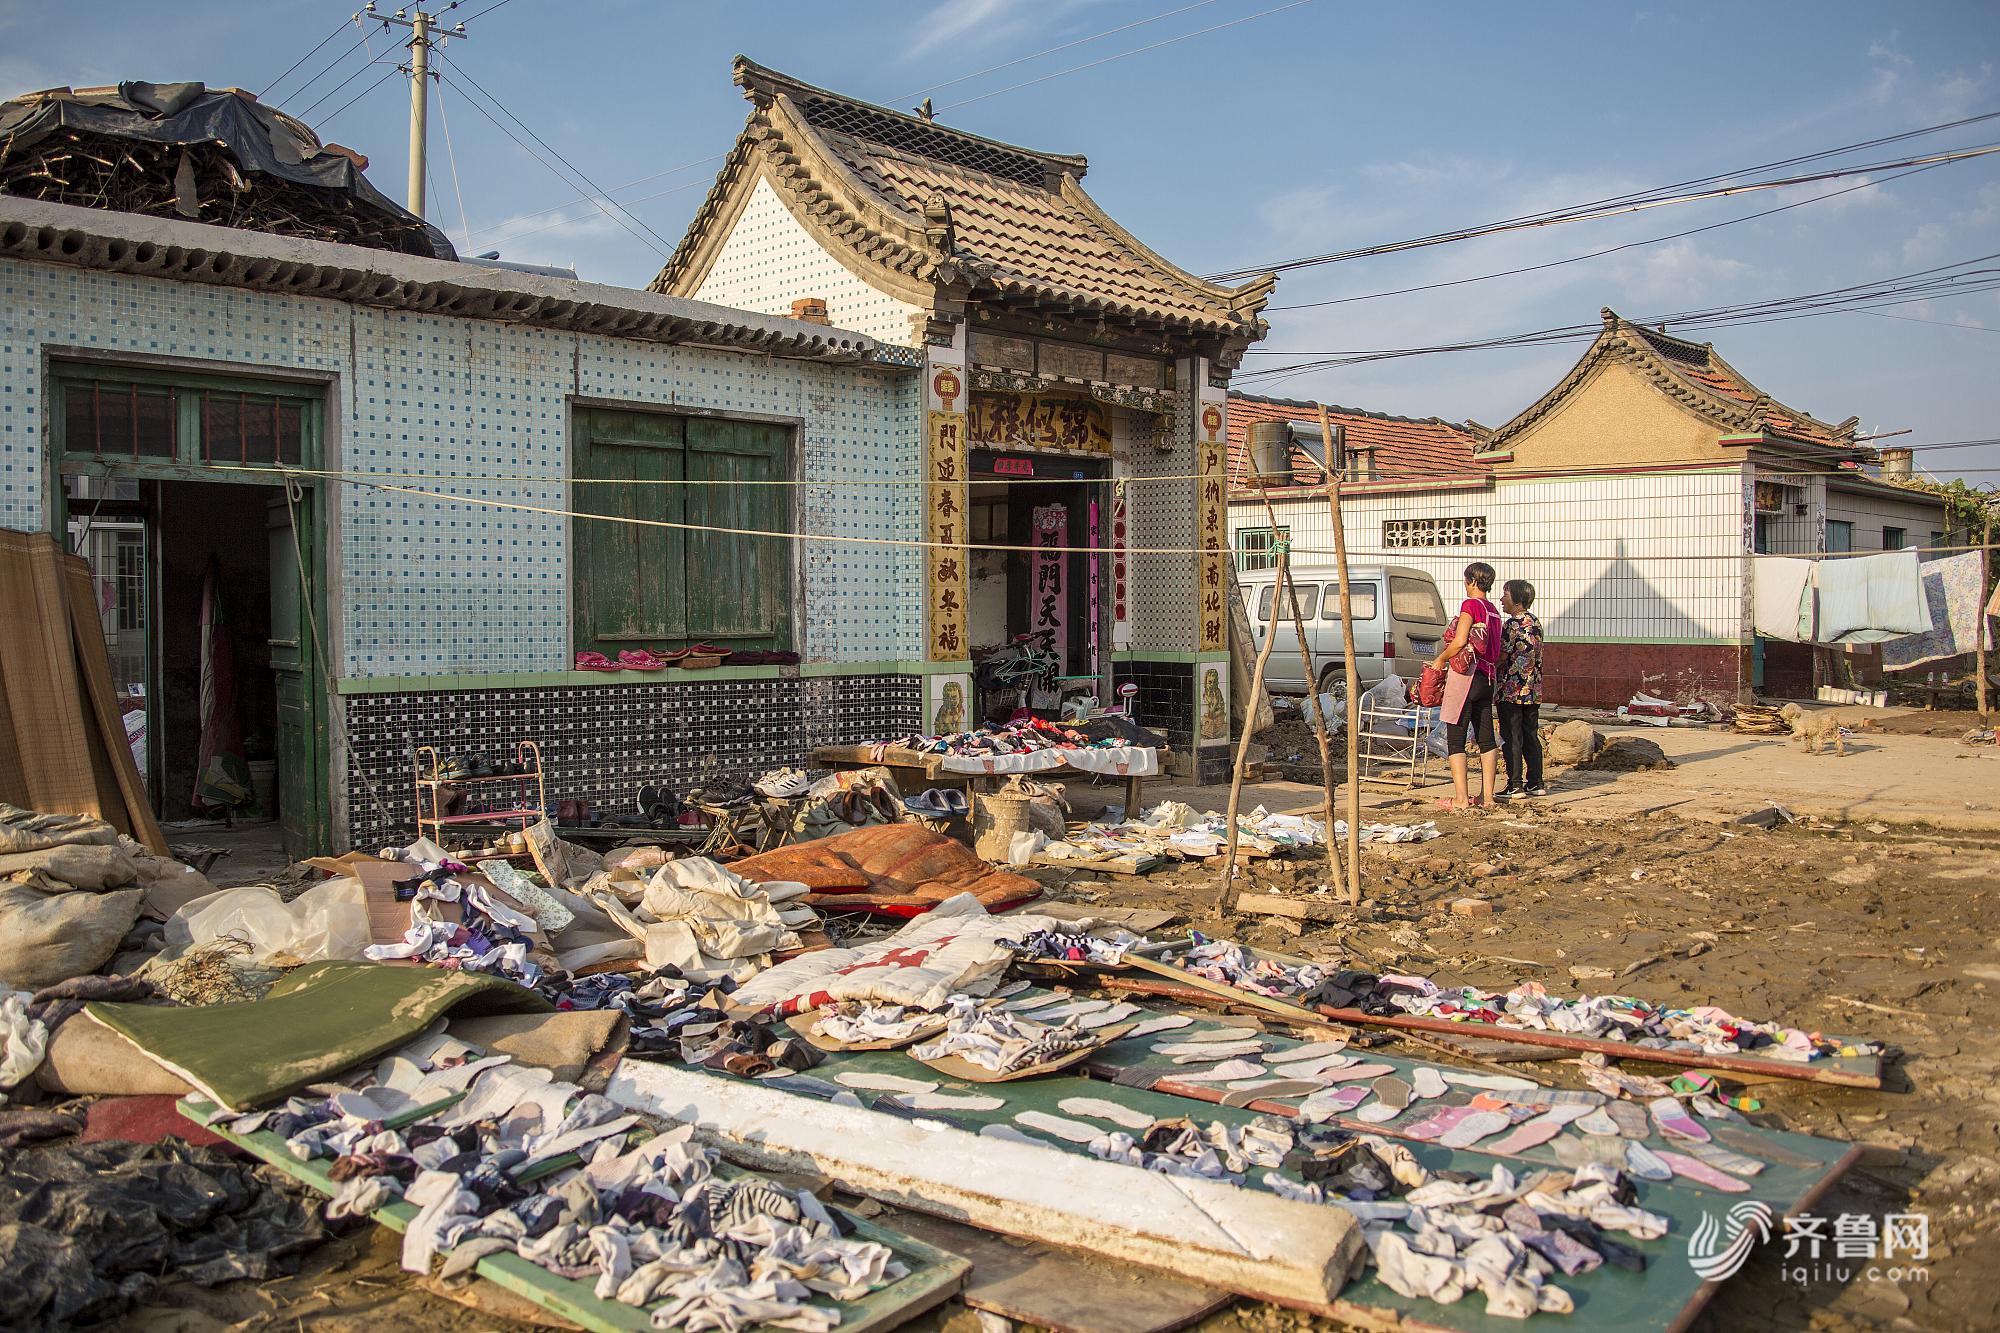 山东全省排查鉴定灾毁房屋3.6万户 不安全房屋不得入内